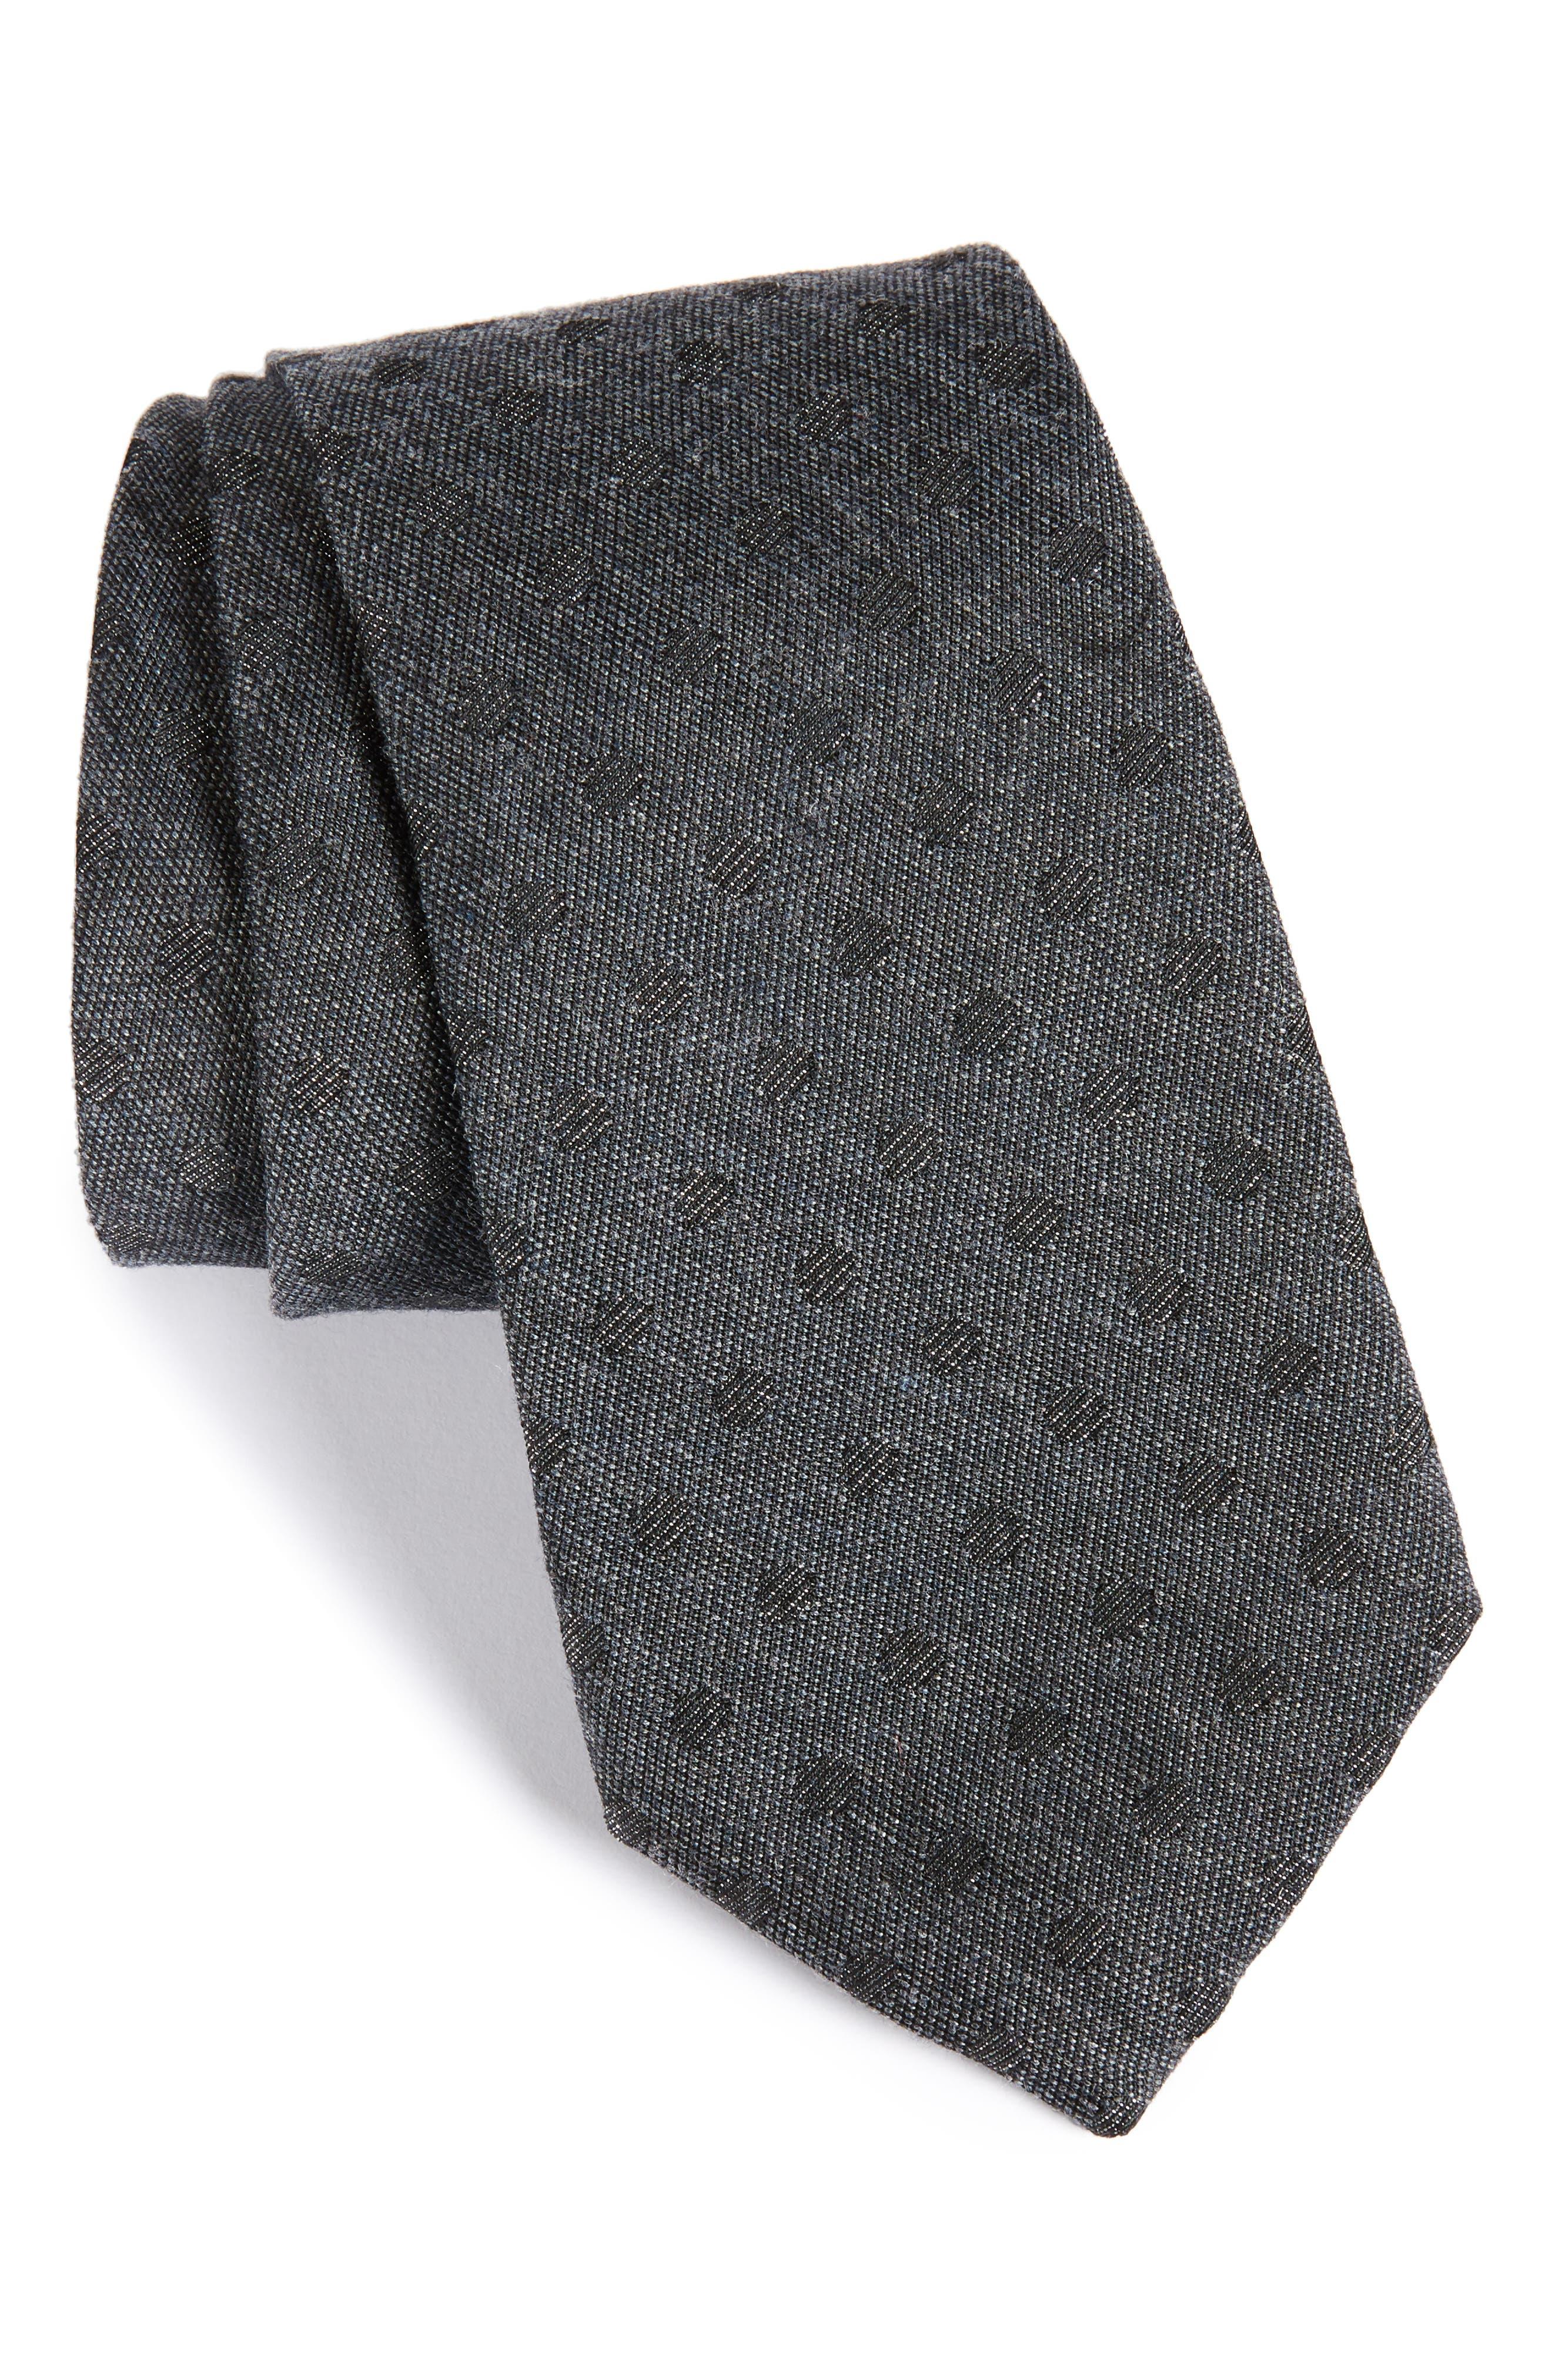 Lang Dot Tie,                             Main thumbnail 1, color,                             Black